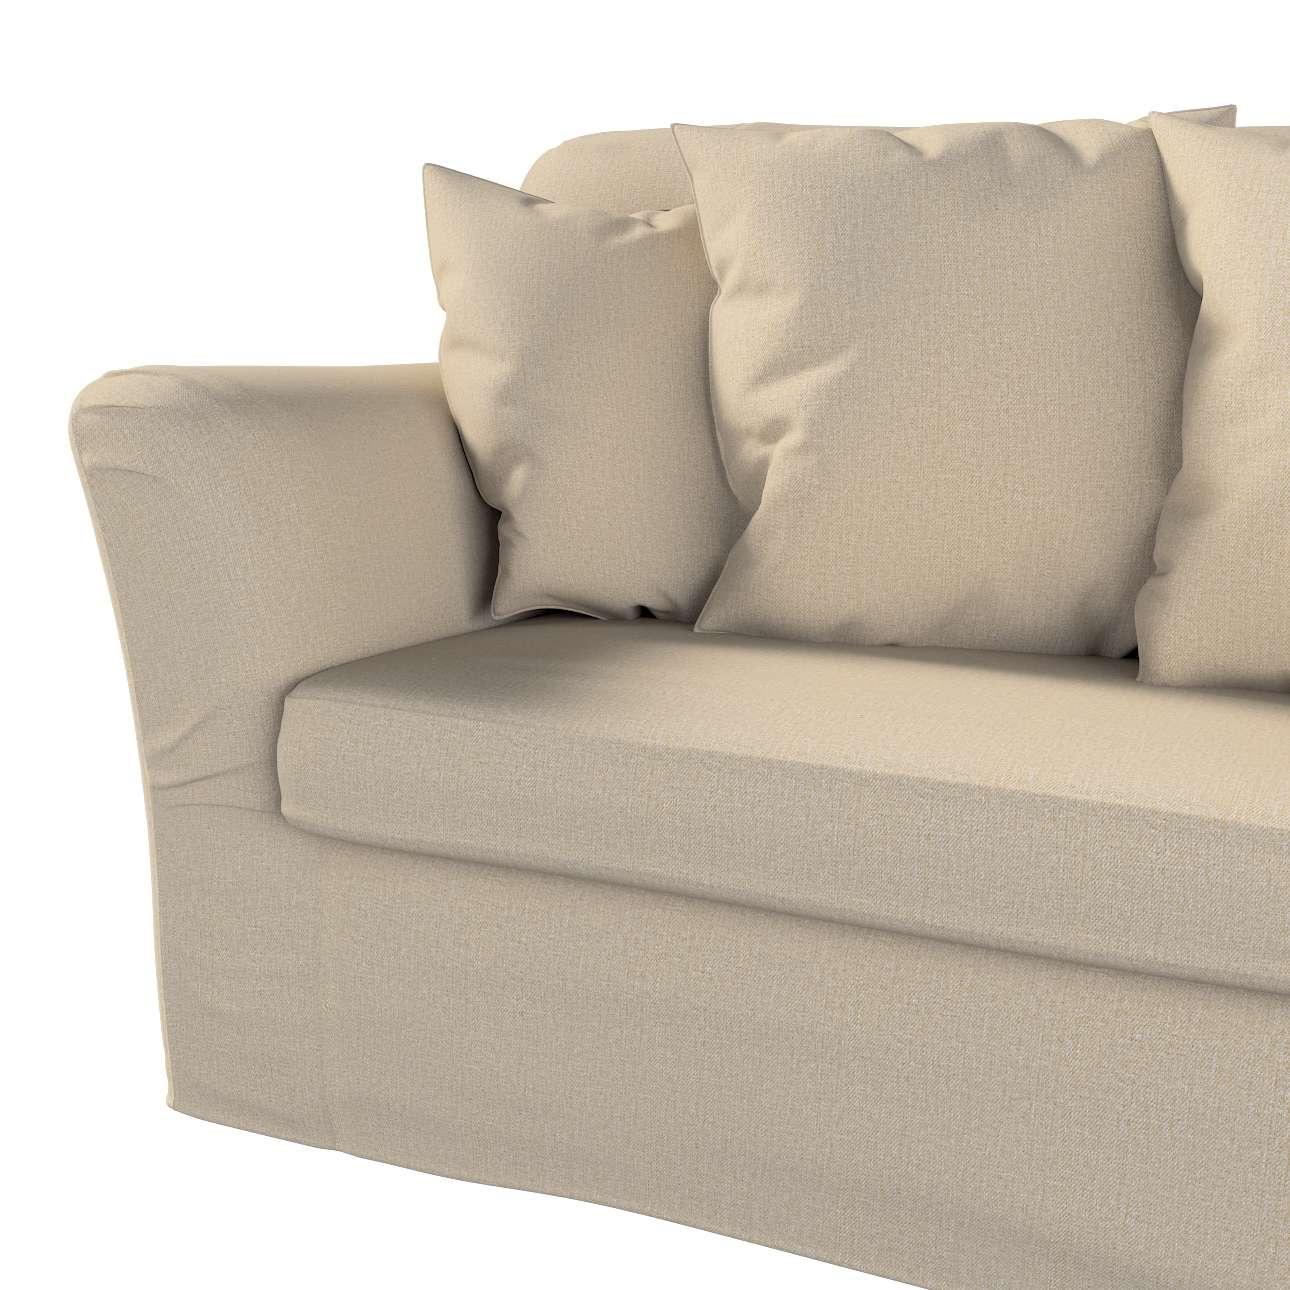 Pokrowiec na sofę Tomelilla 3-osobową rozkładaną w kolekcji Edinburgh, tkanina: 115-78